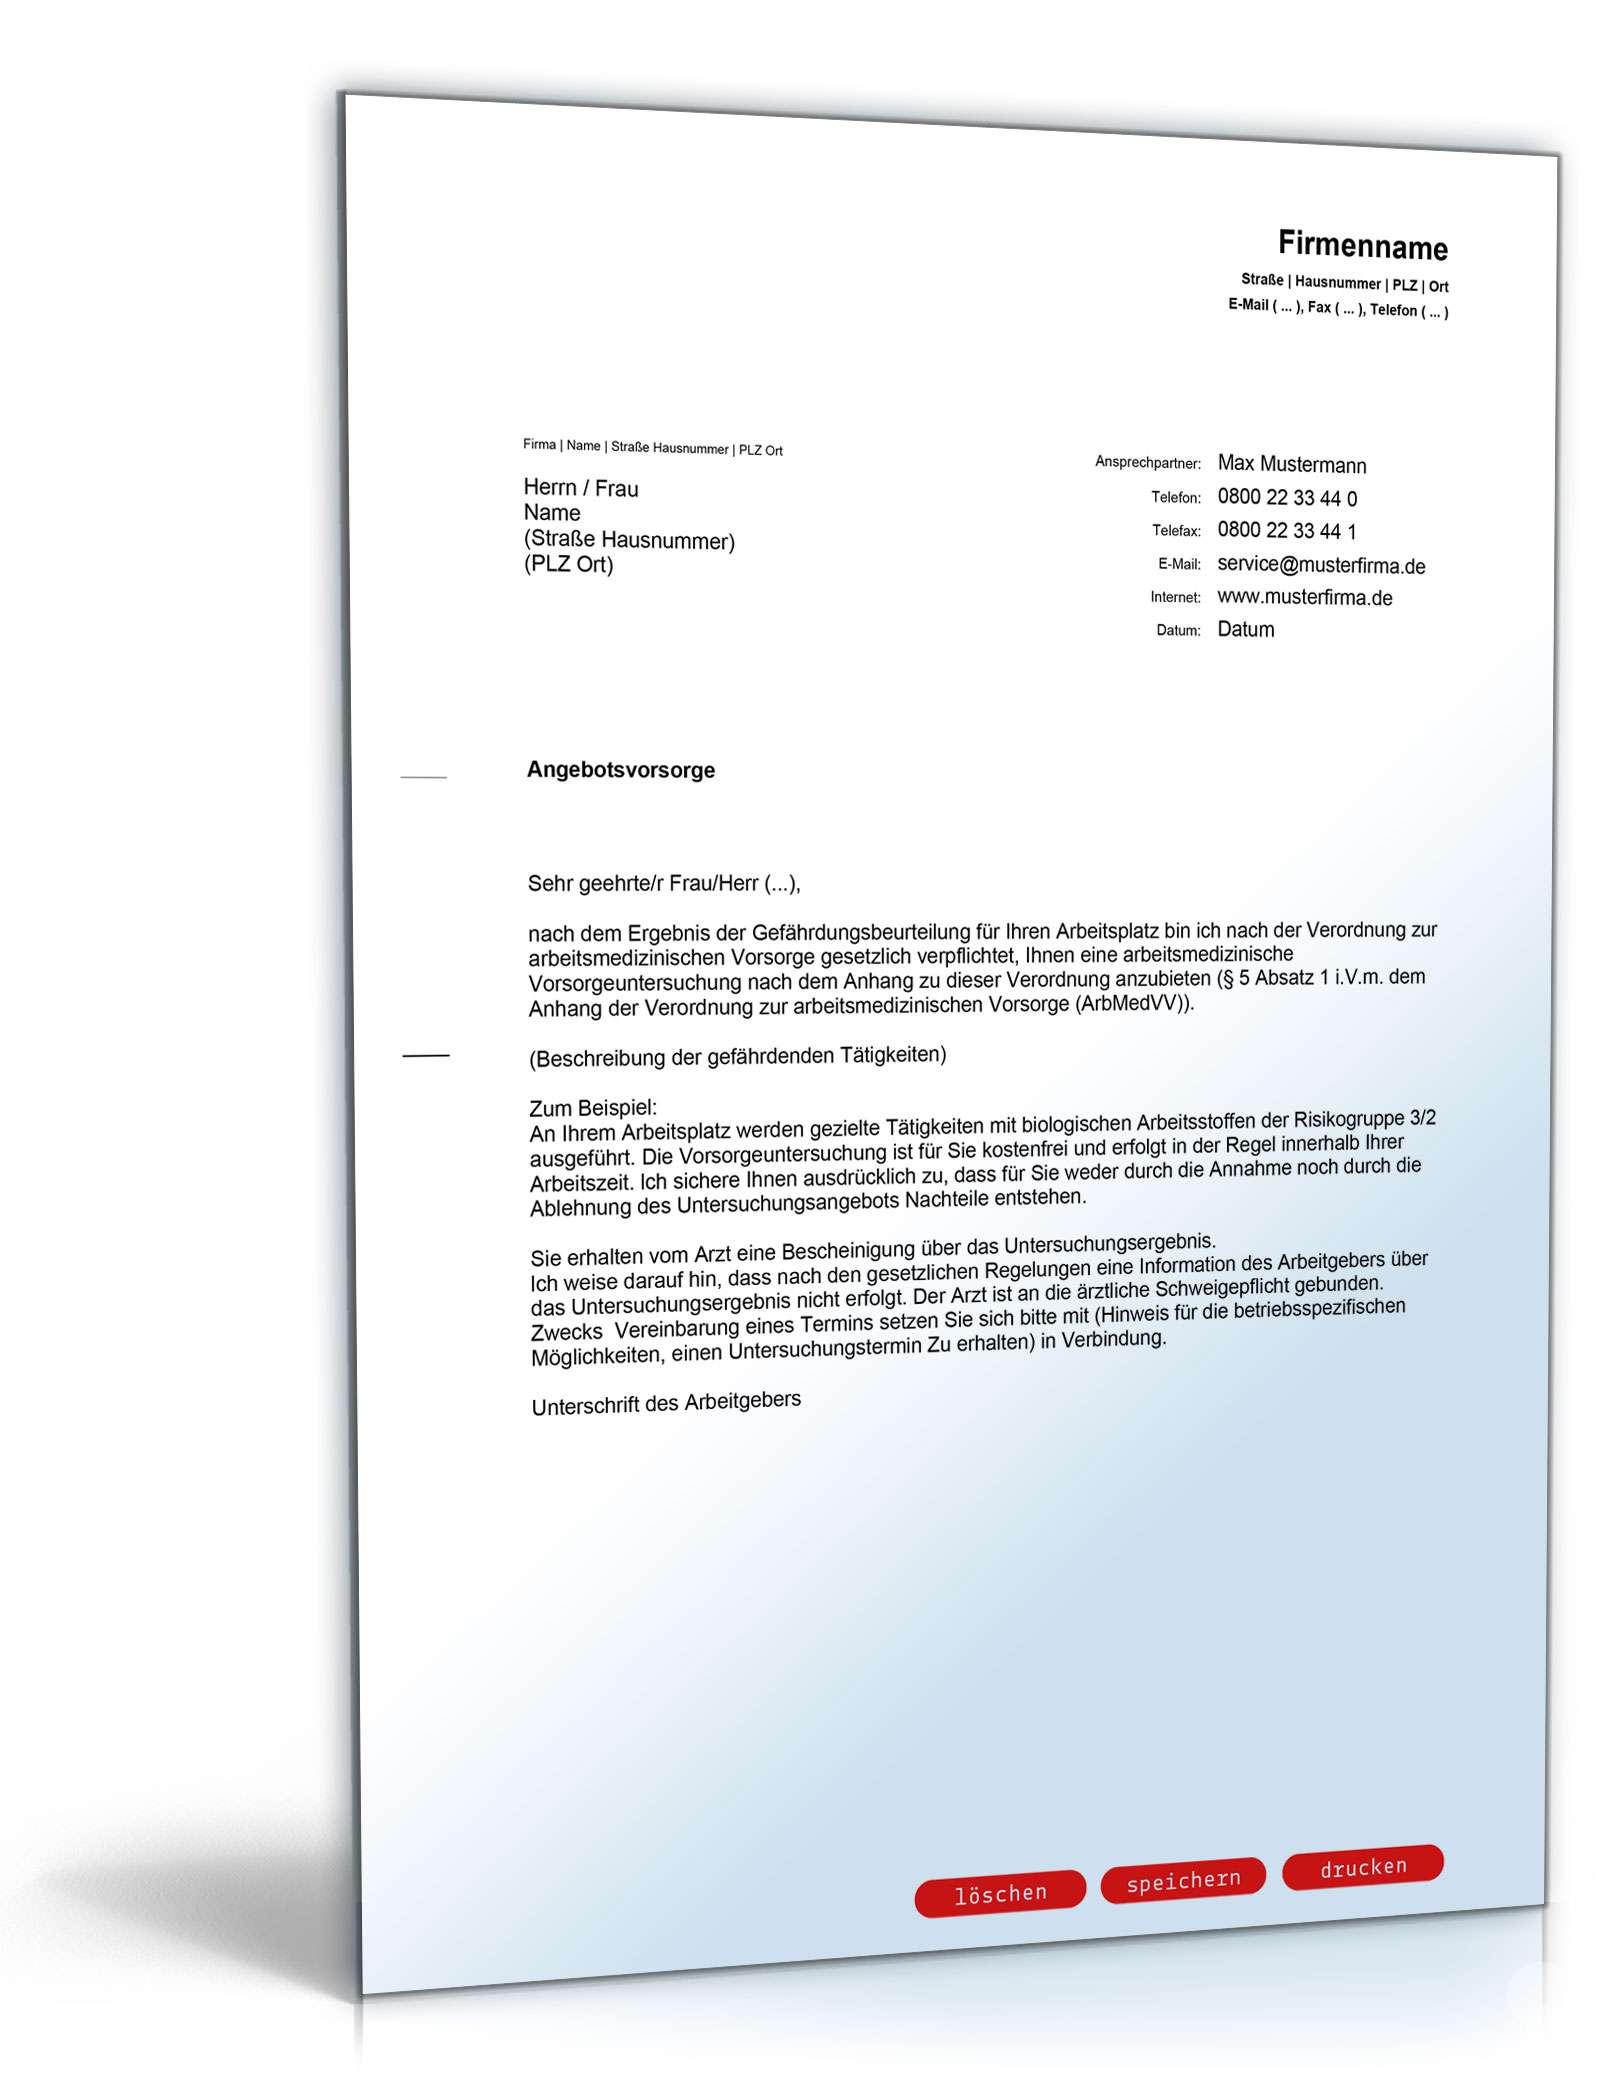 Anschreiben Arbeitsmedizinische Angebotsvorsorge Vorlage Zum Download